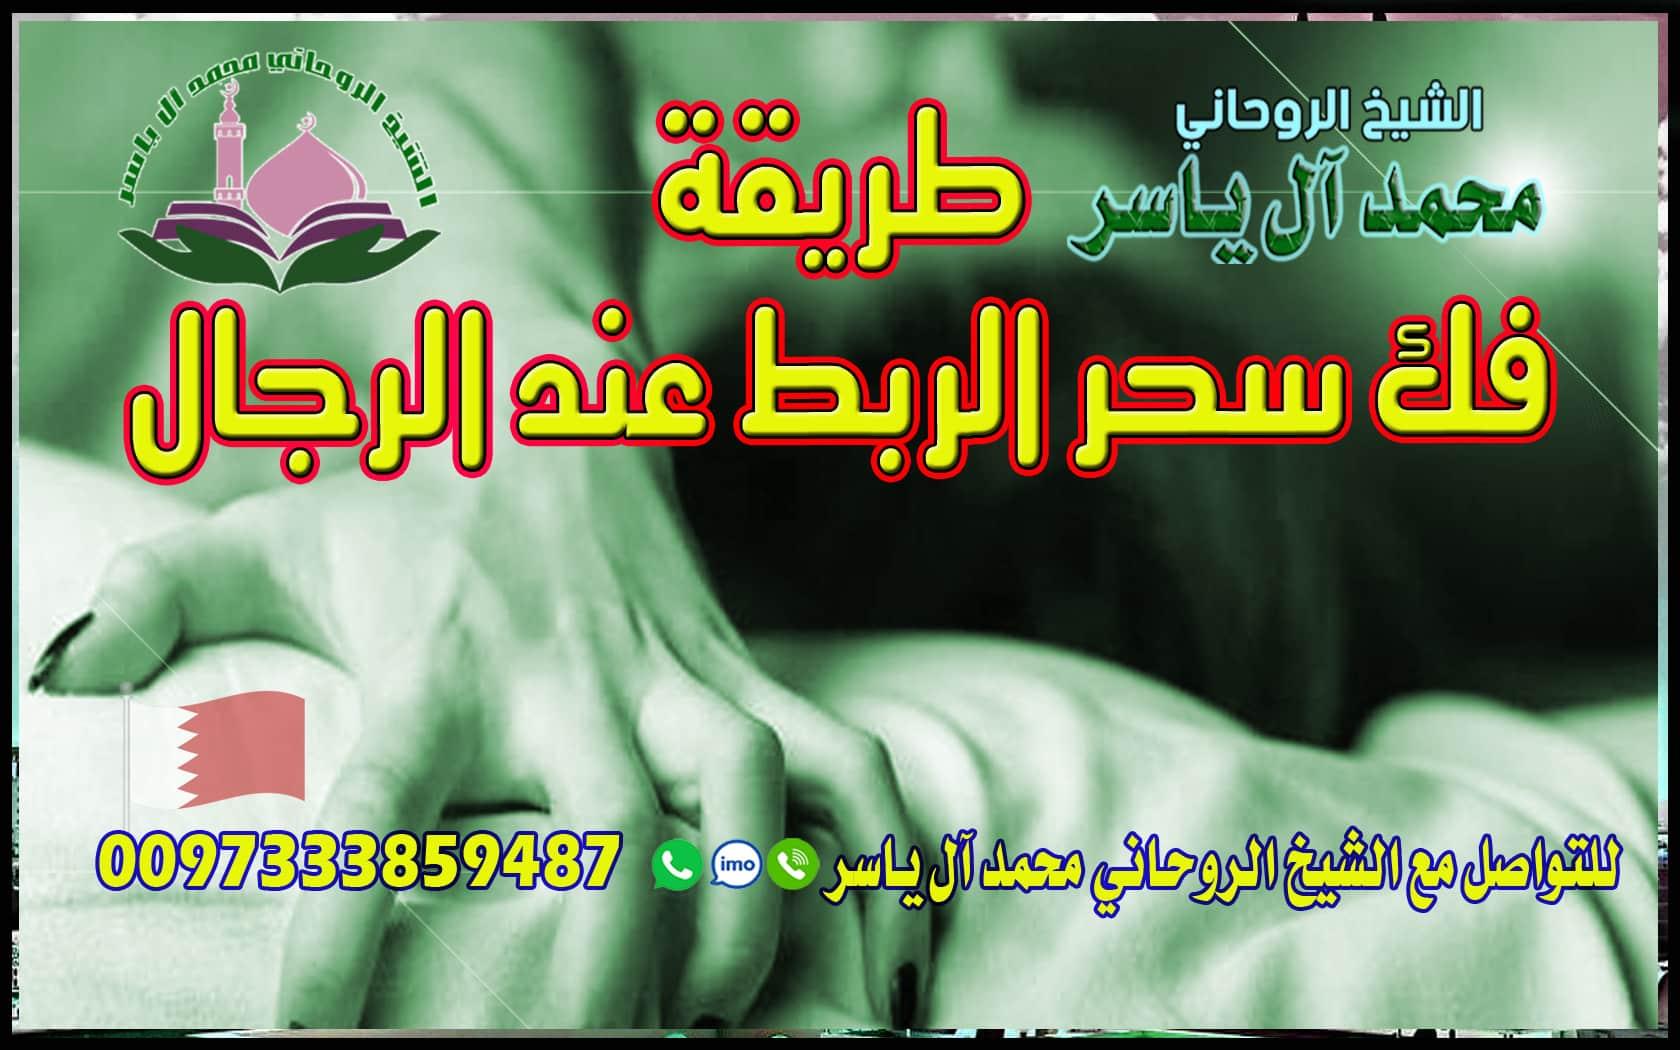 فك سحر المربوط الشيخ الروحاني محمد آل ياسر 0097333859487